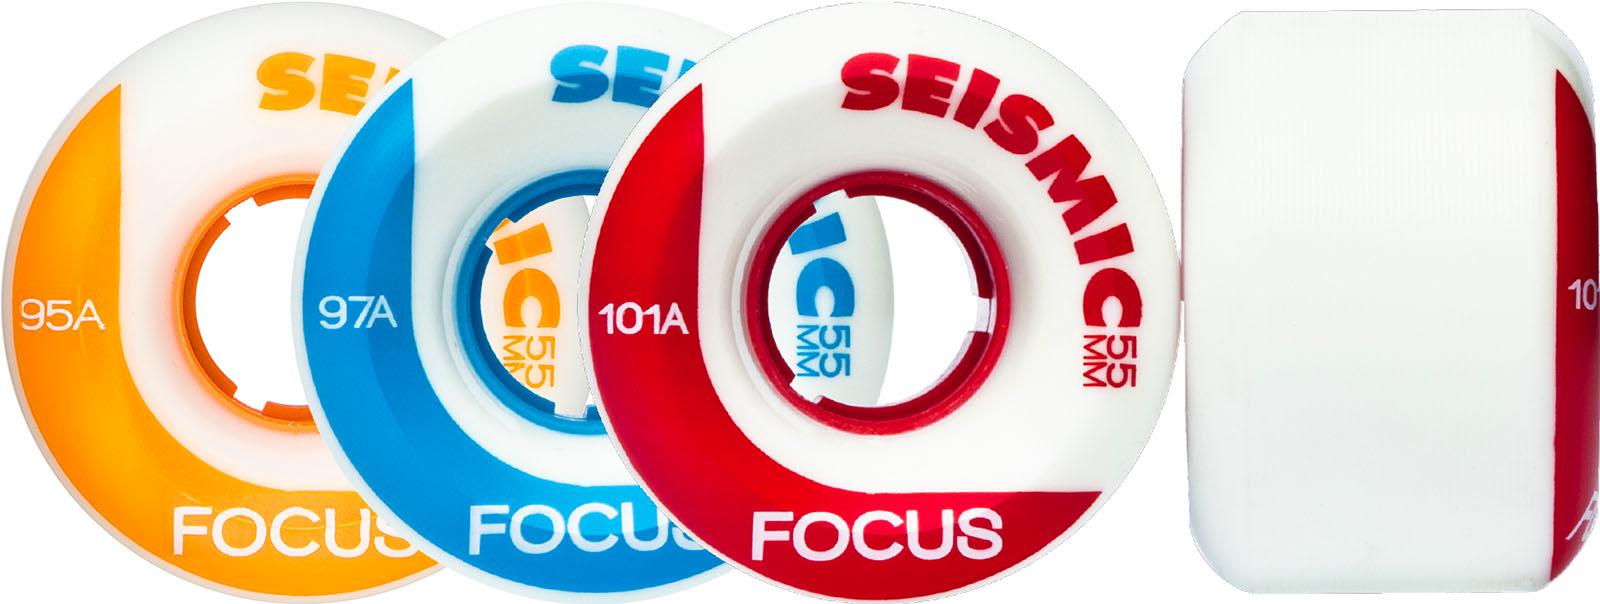 Seismic Focus